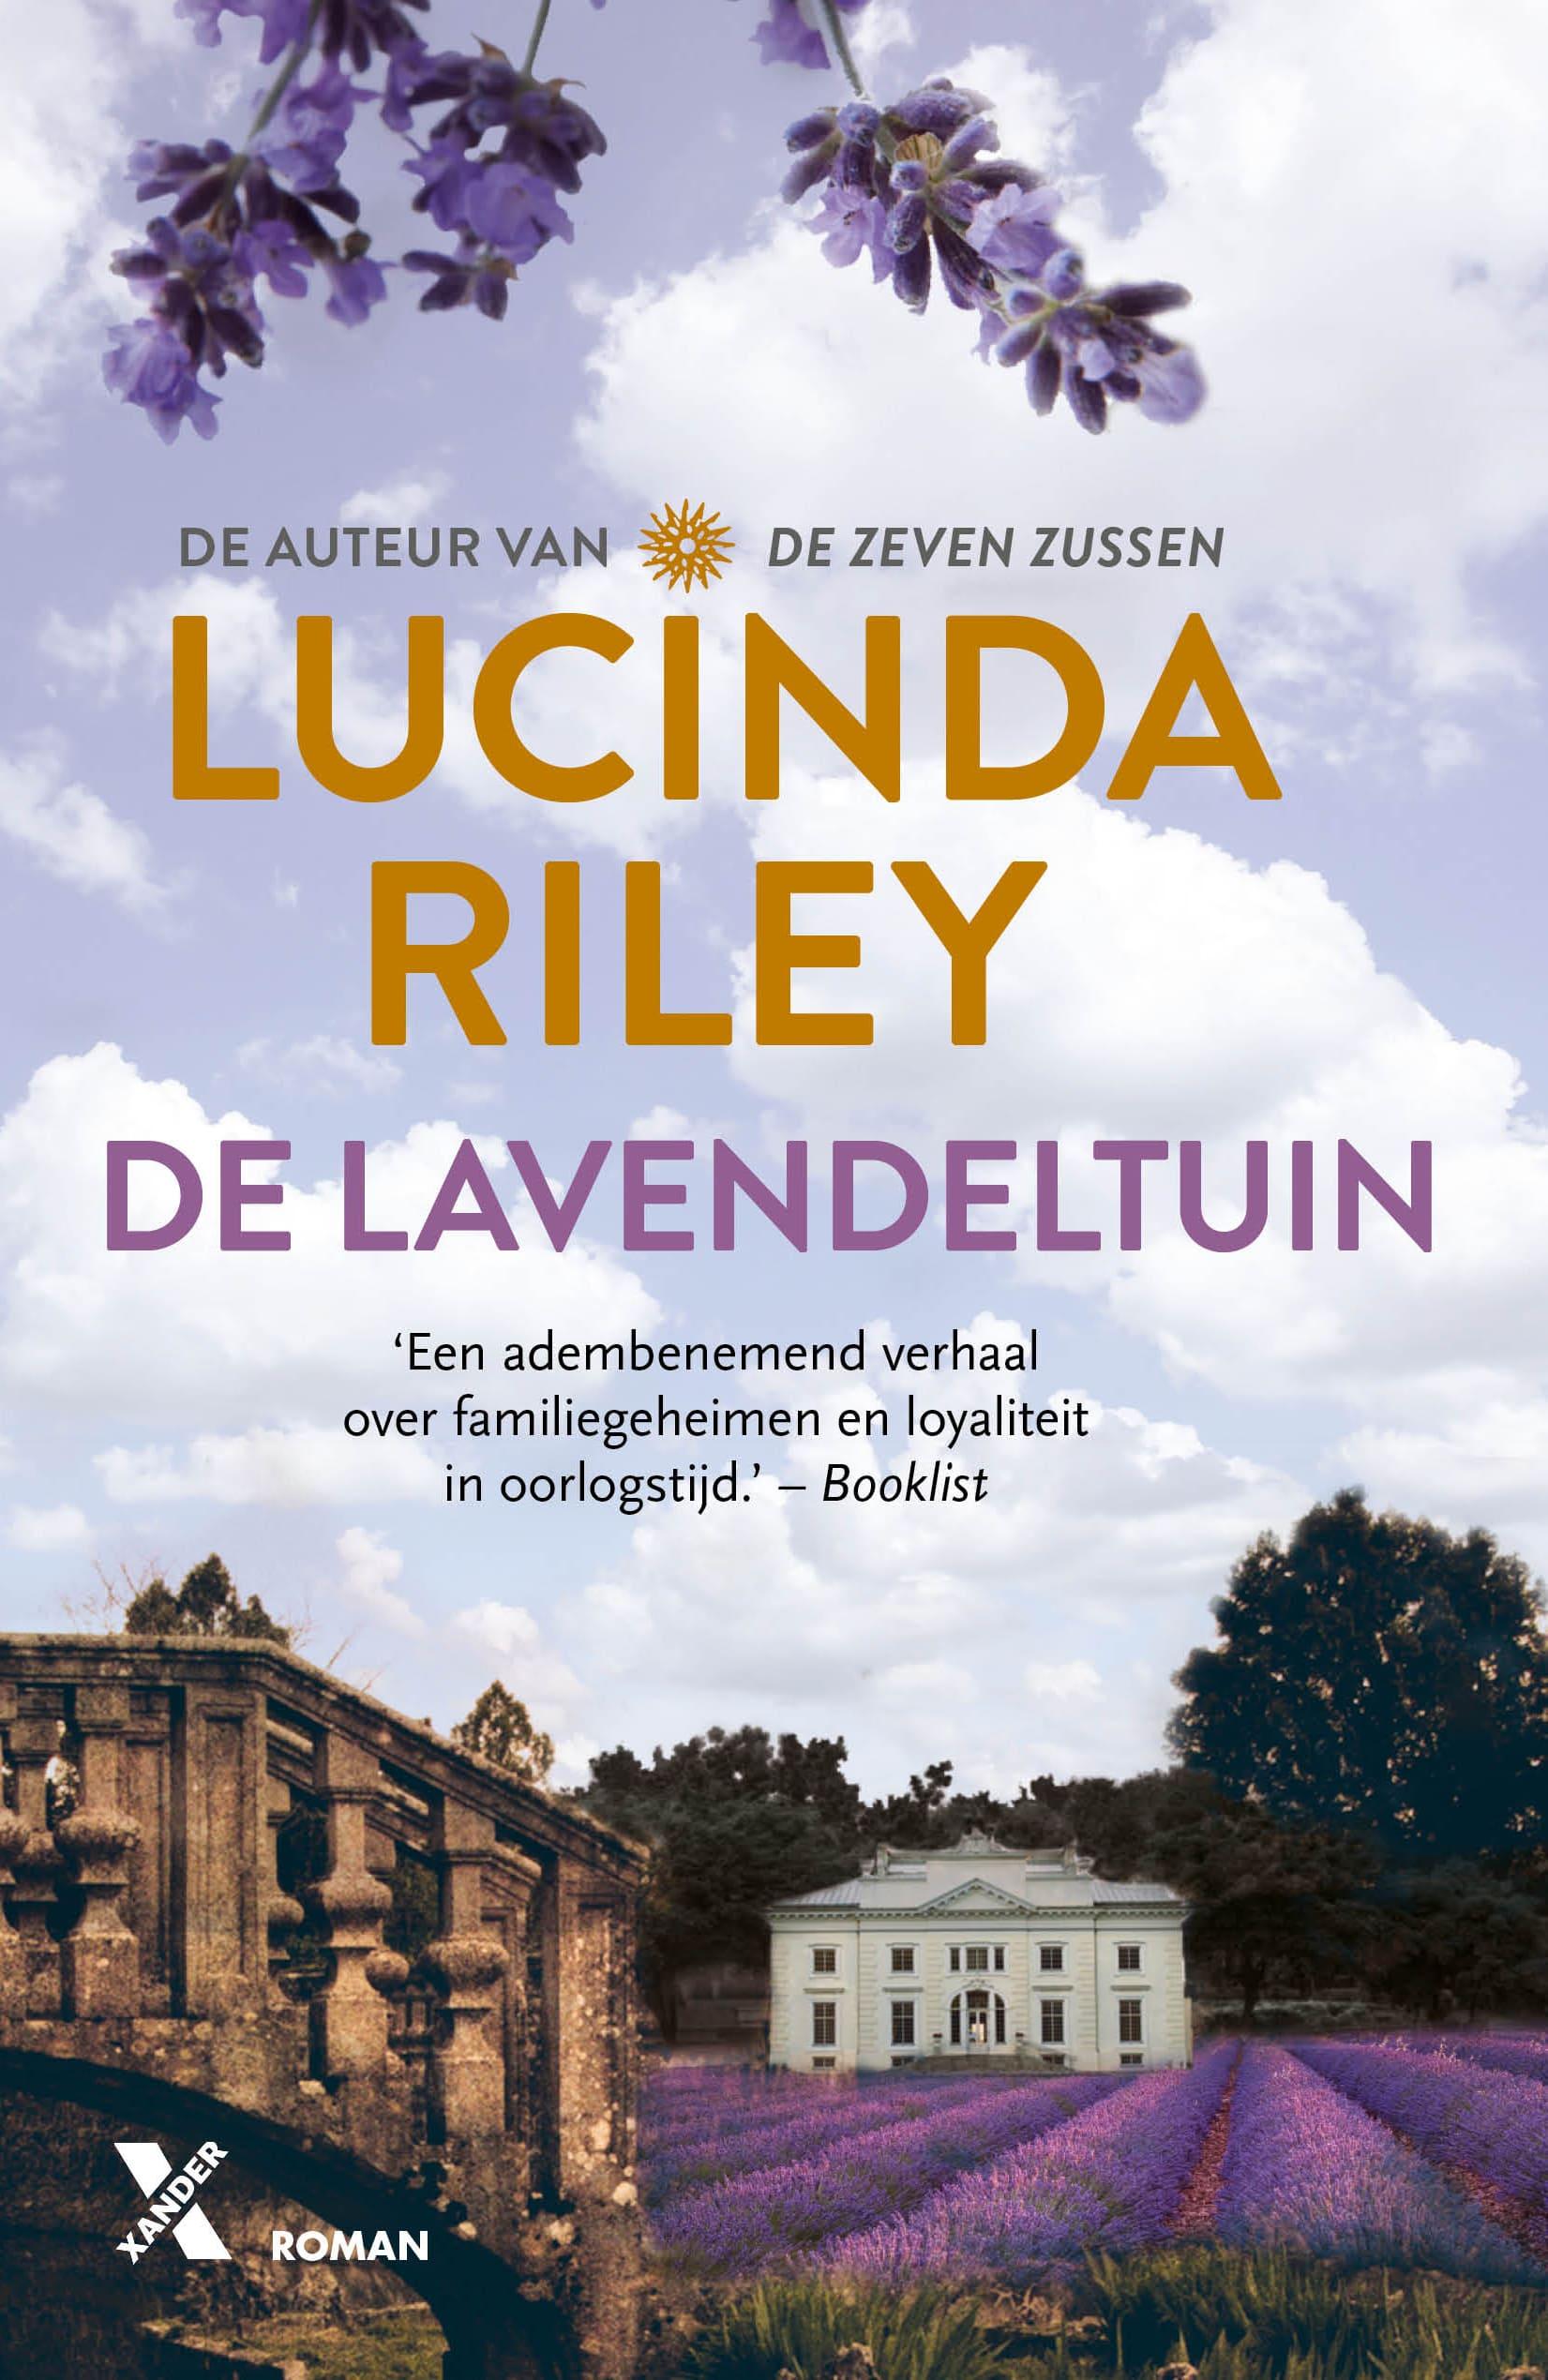 Boek: Lucinda Riley, De lavendeltuin